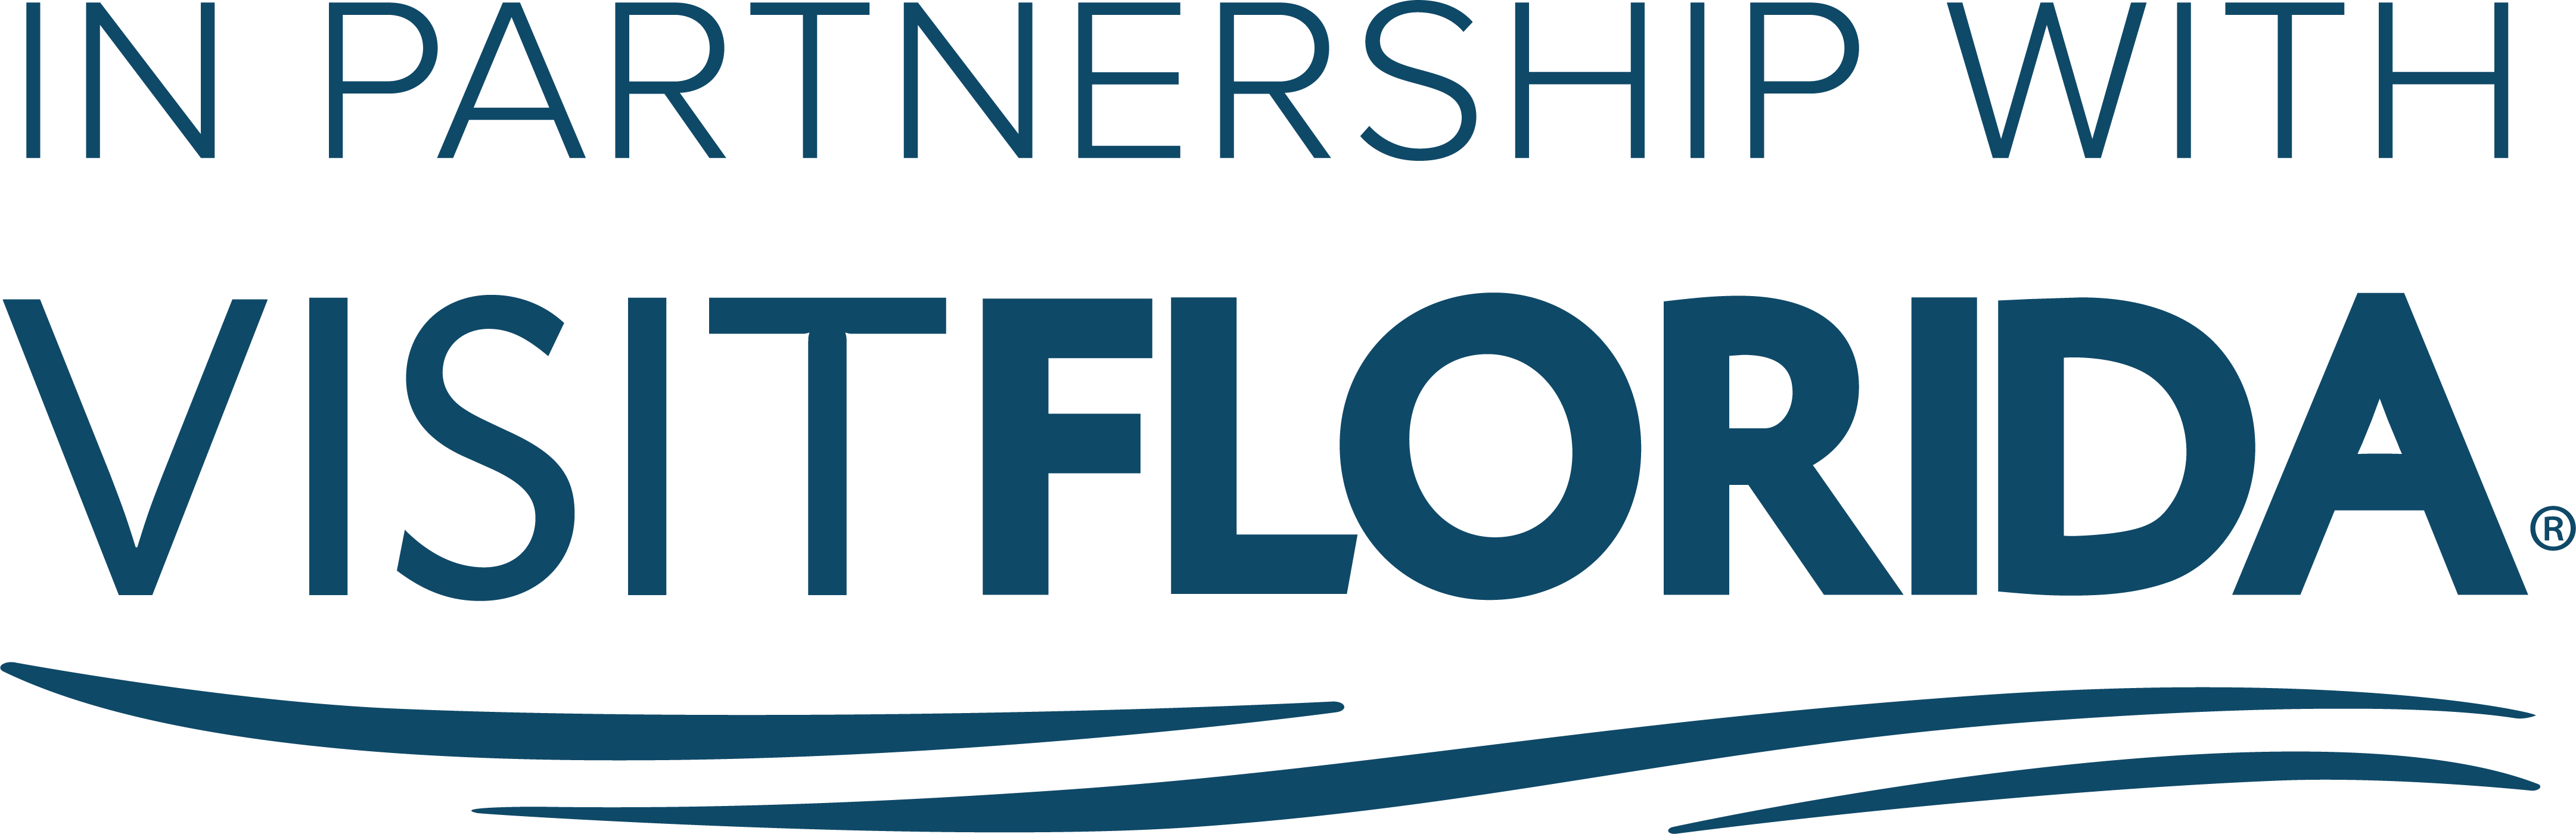 Visit Florida.com logo